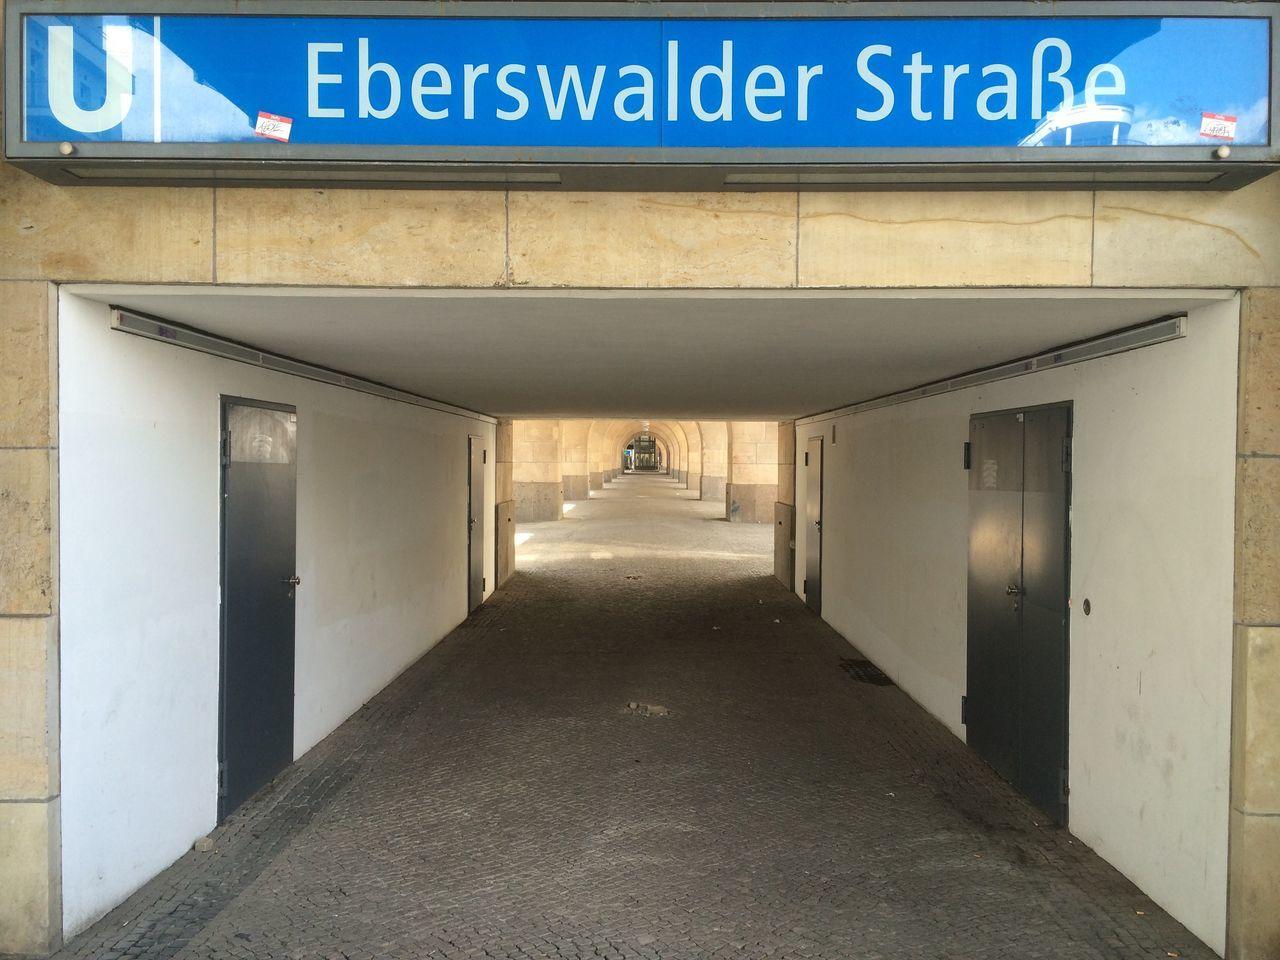 Text At Entrance Of Subway Station